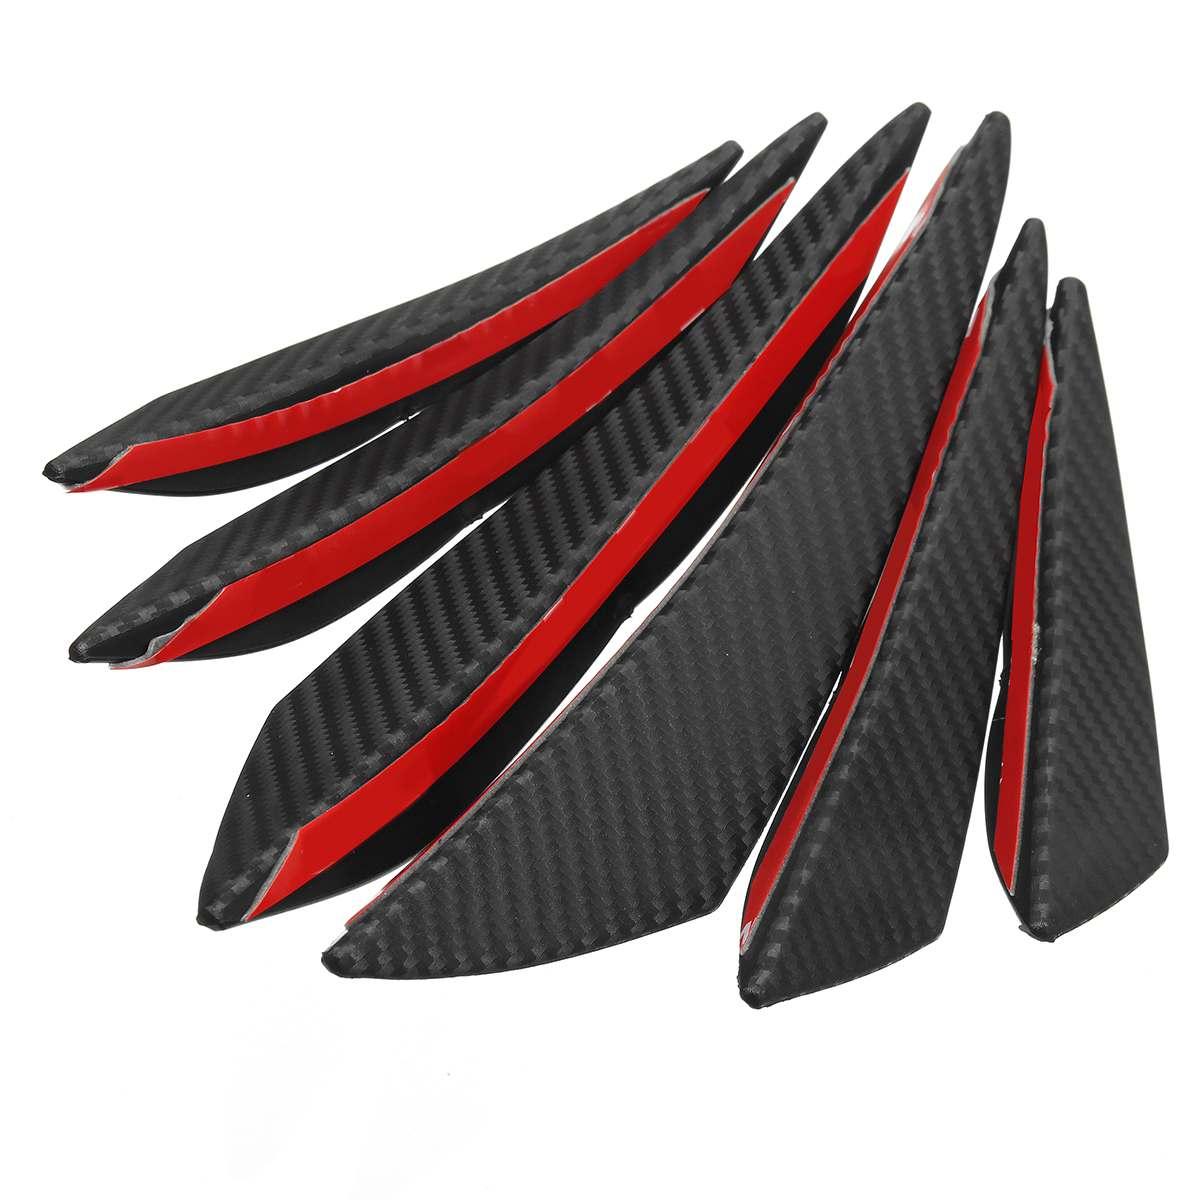 6pcs Universal Carbon Fiber Car/Auto Front Bumper Fins Spoiler Canards Refit Exterior Parts Bumpers